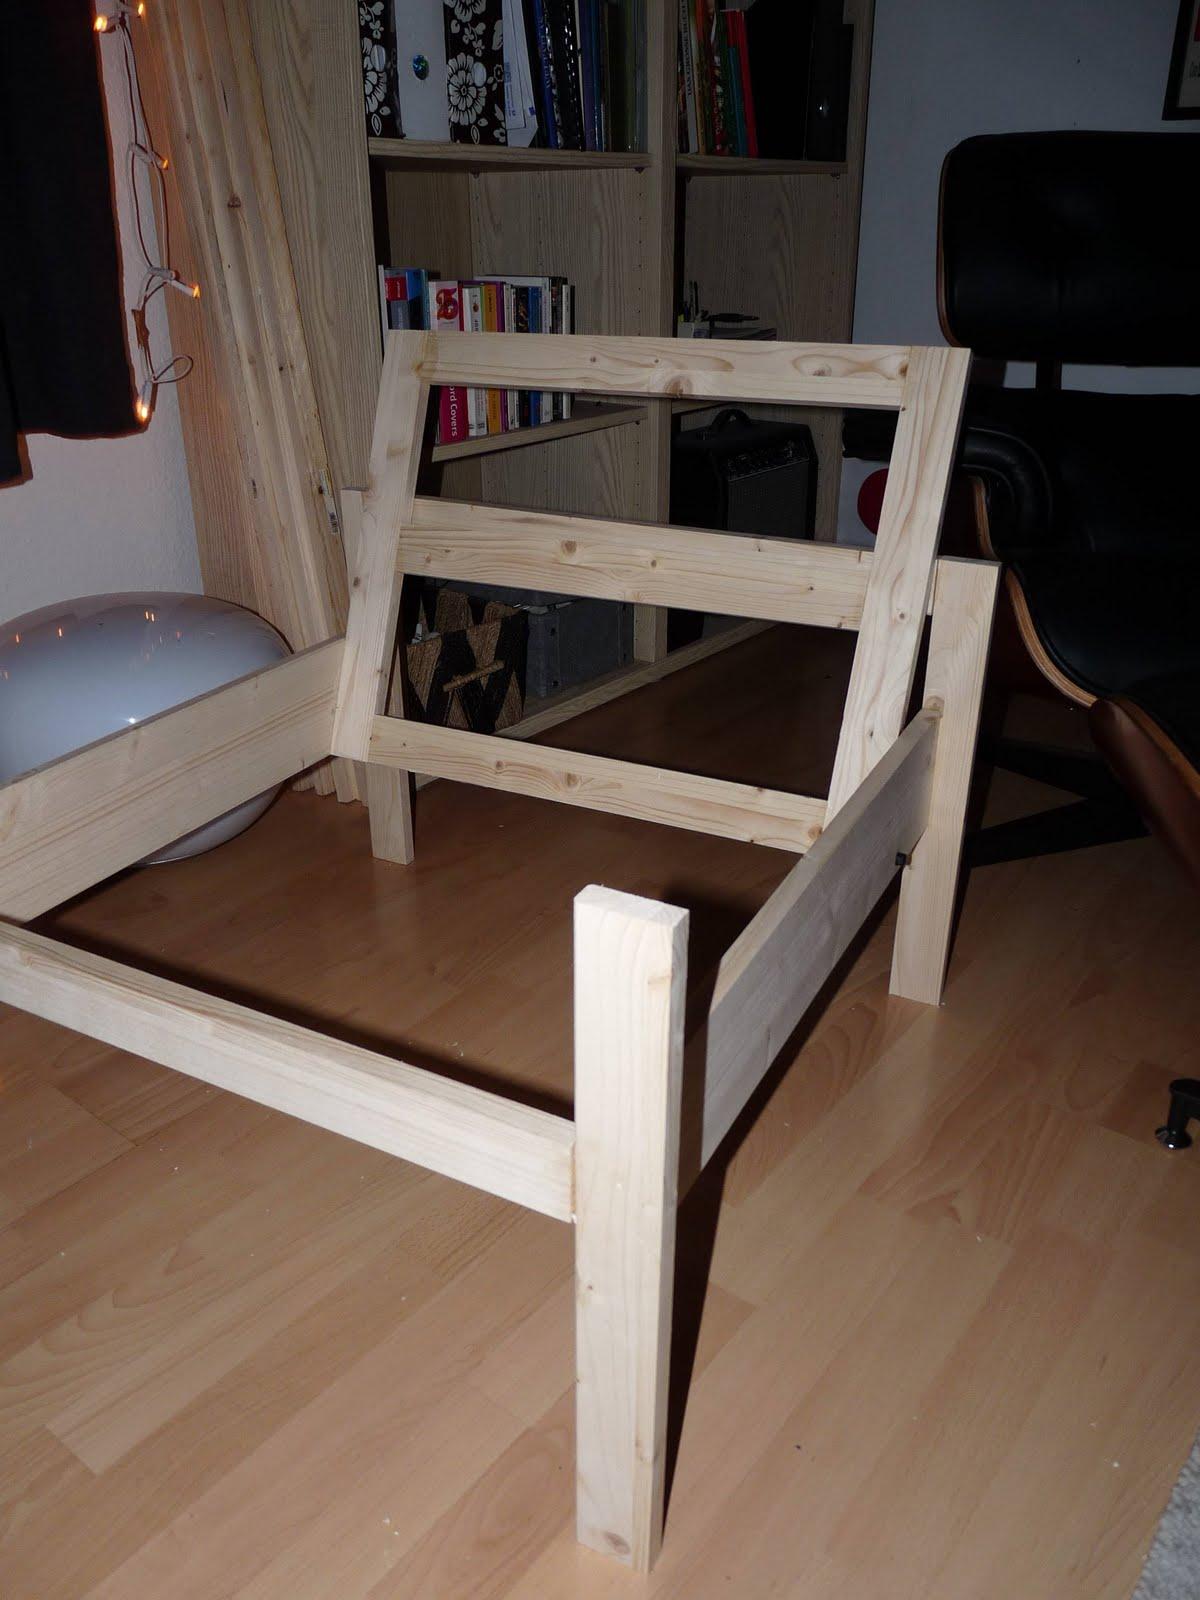 gartenbank bauhaus baumarkt 164816 eine. Black Bedroom Furniture Sets. Home Design Ideas